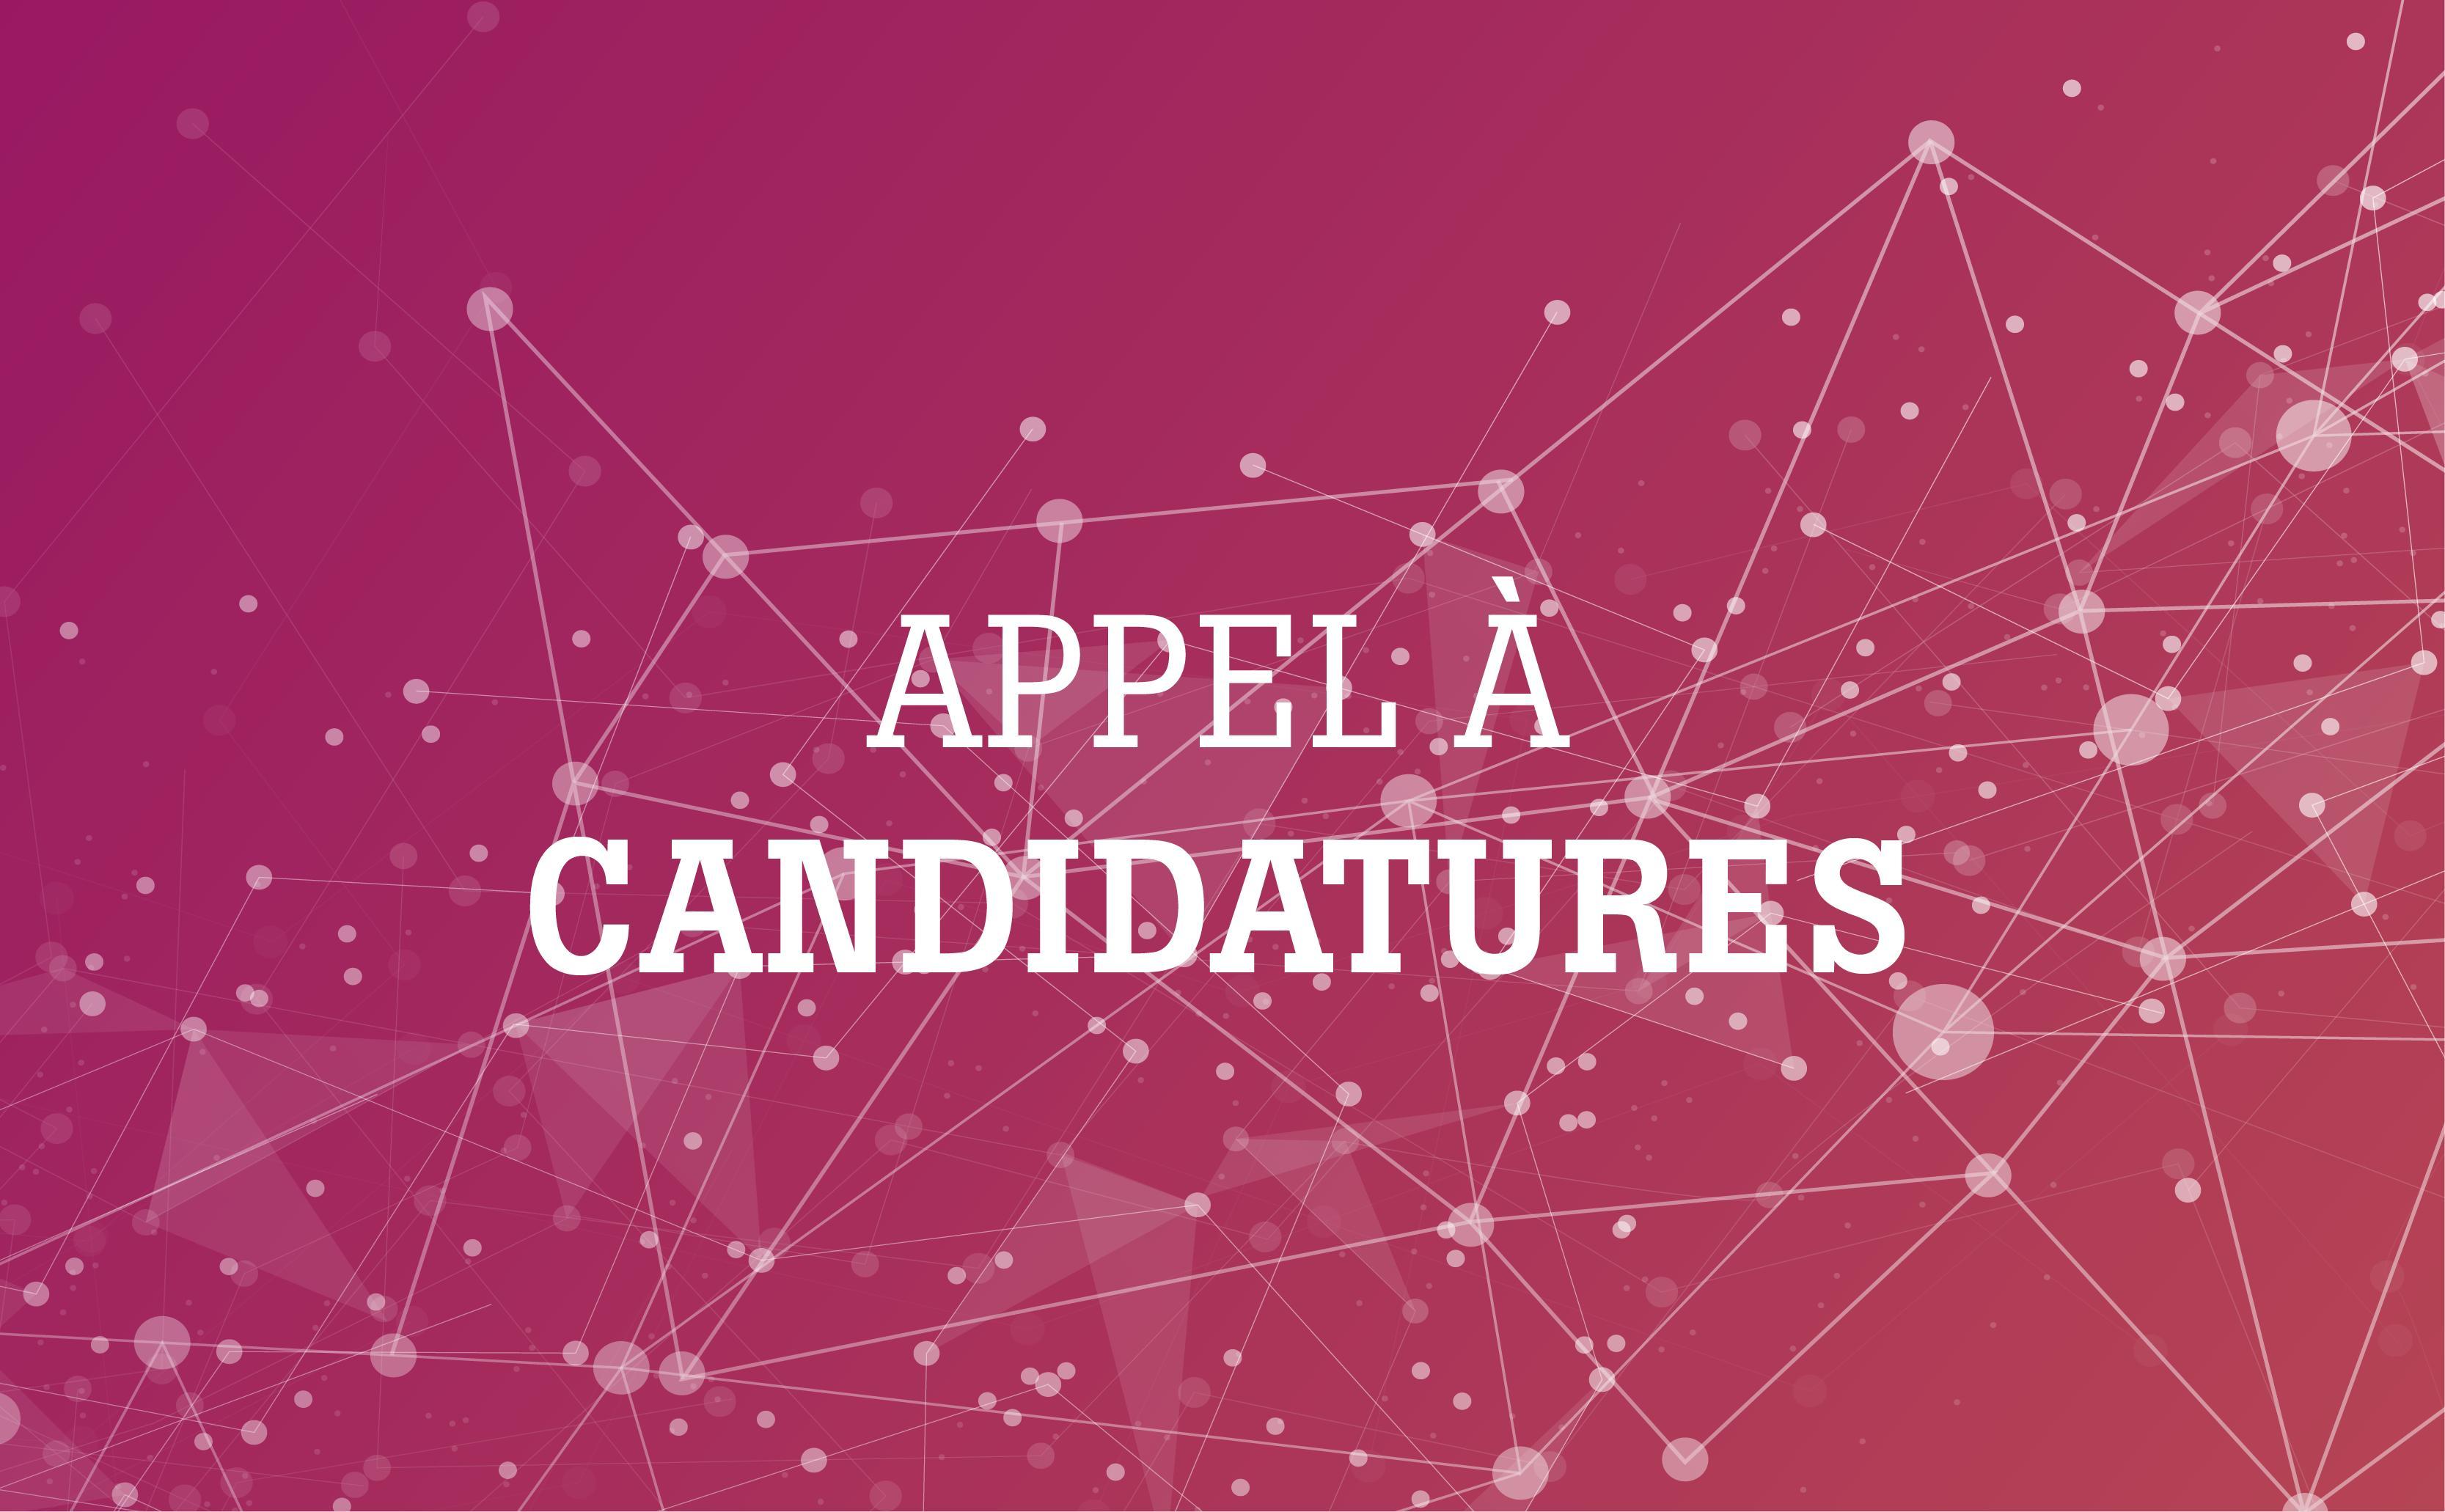 Mandats : appel à candidatures par le MEDEF Lyon-Rhône, engagez-vous pour la cause patronale